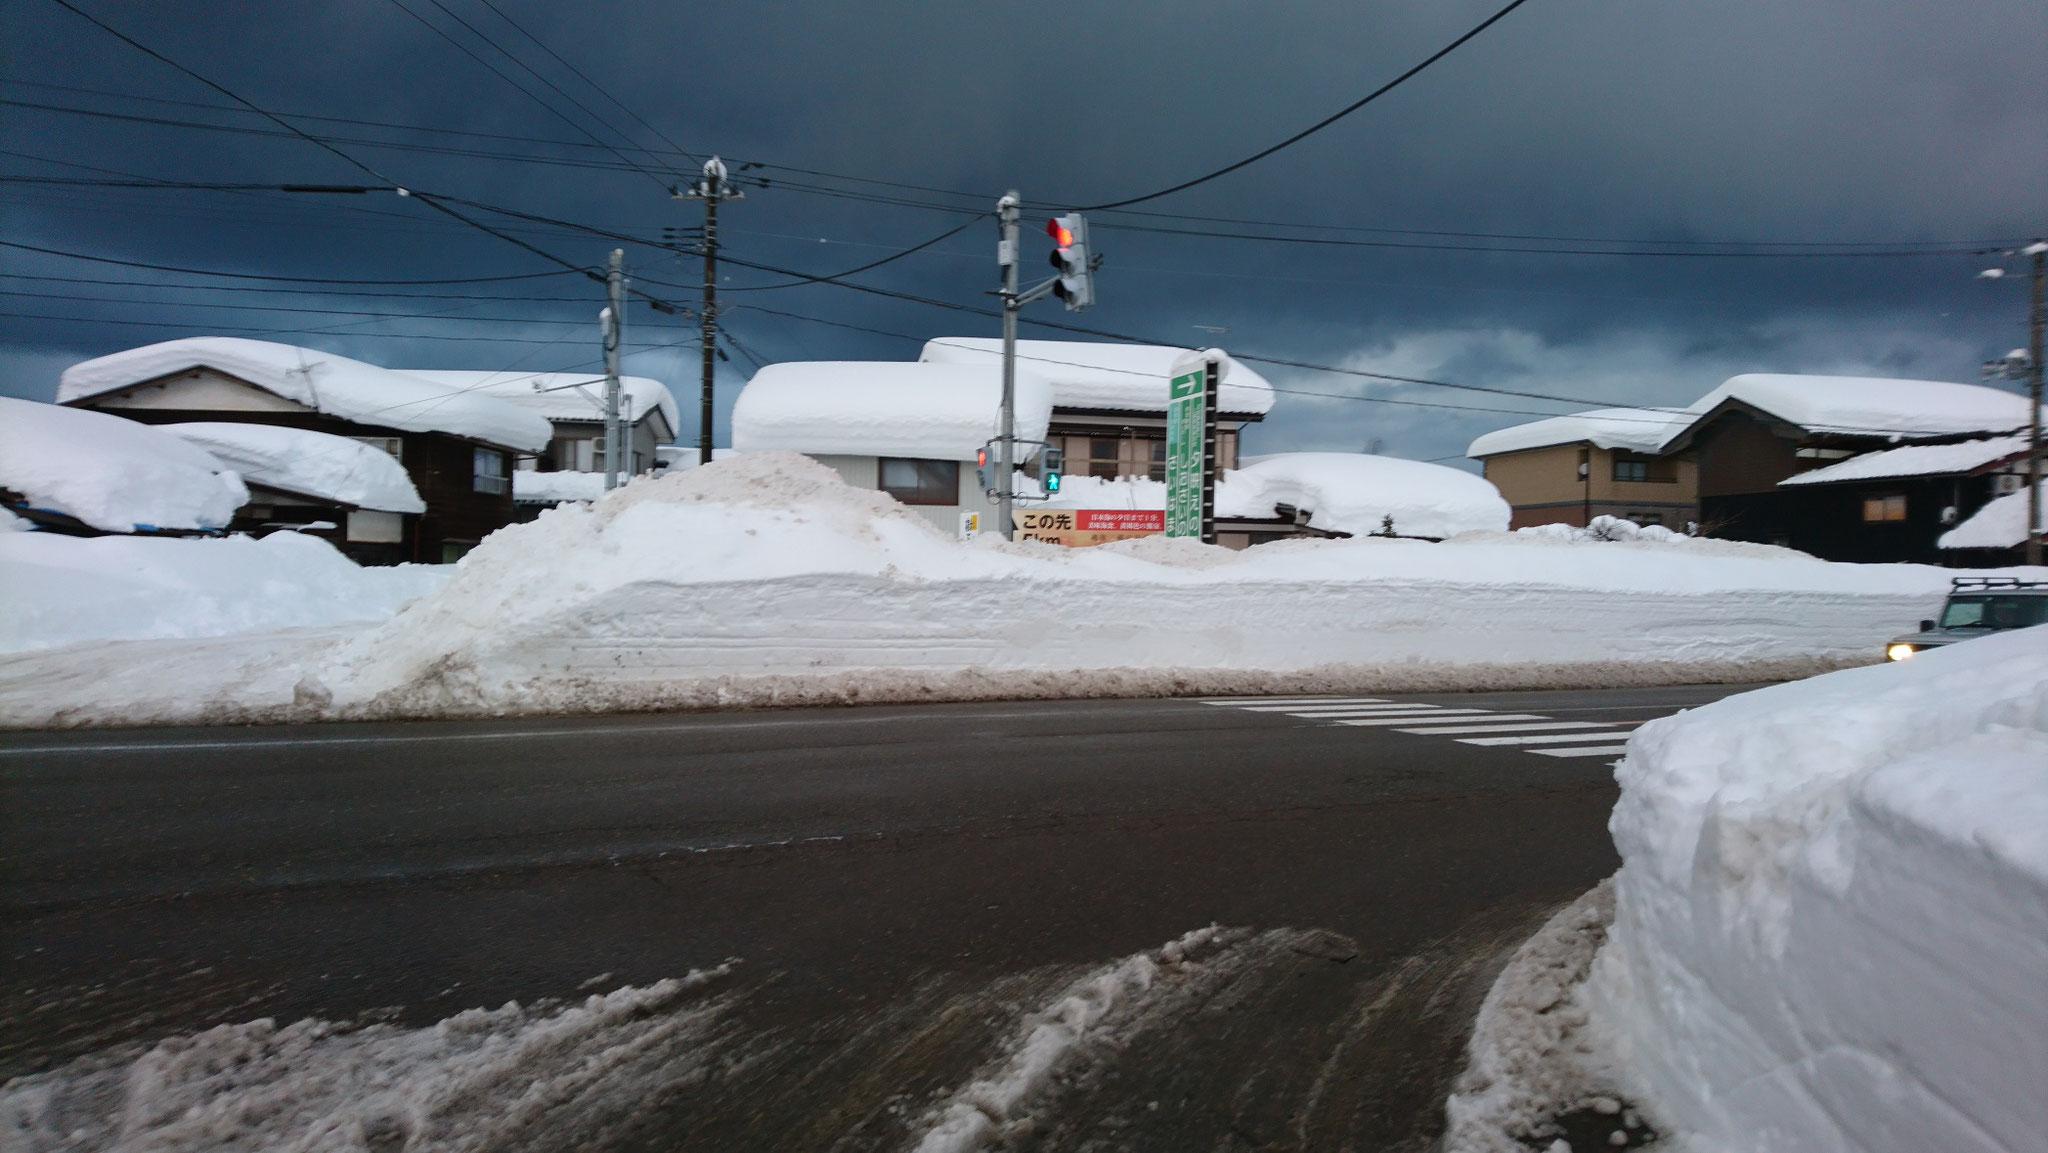 踏切のそばにある国道8号線の交差点。歩道の除雪はなく、国道を歩く必要があります。